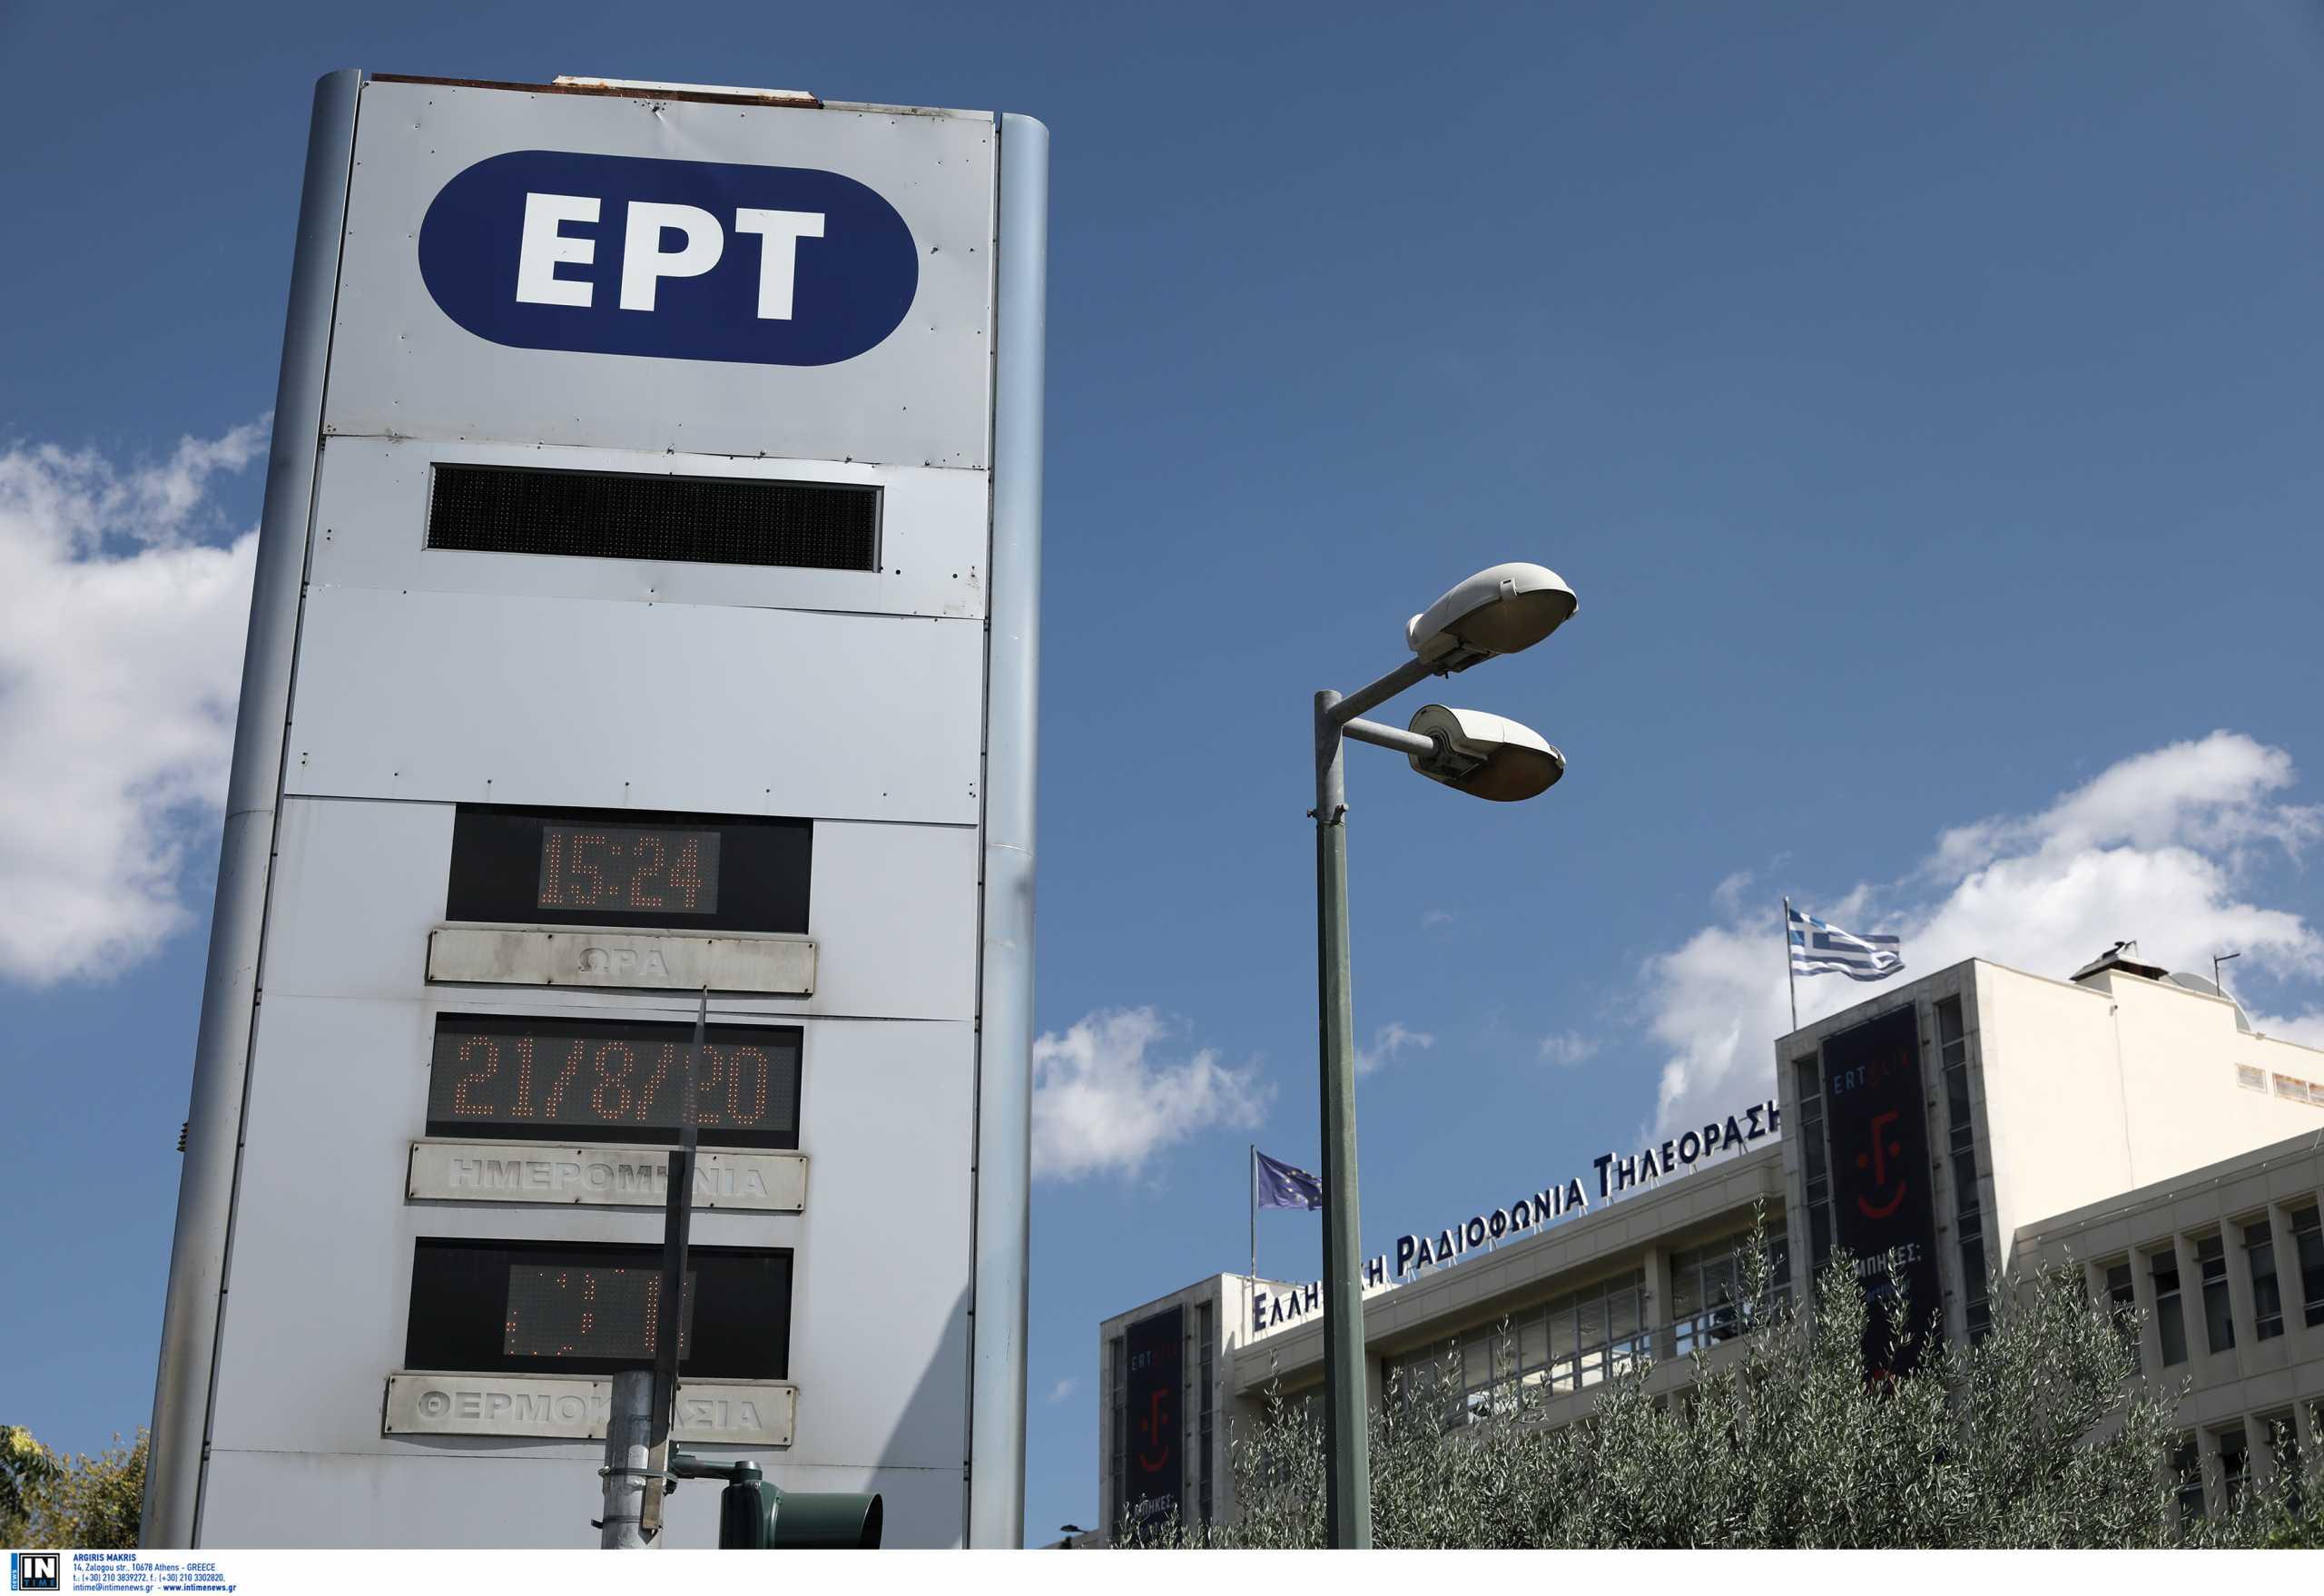 Το Υπουργείο Προστασίας του Πολίτη επιστρέφει στην ΕΡΤ το ιστορικό στούντιο της Κατεχάκη